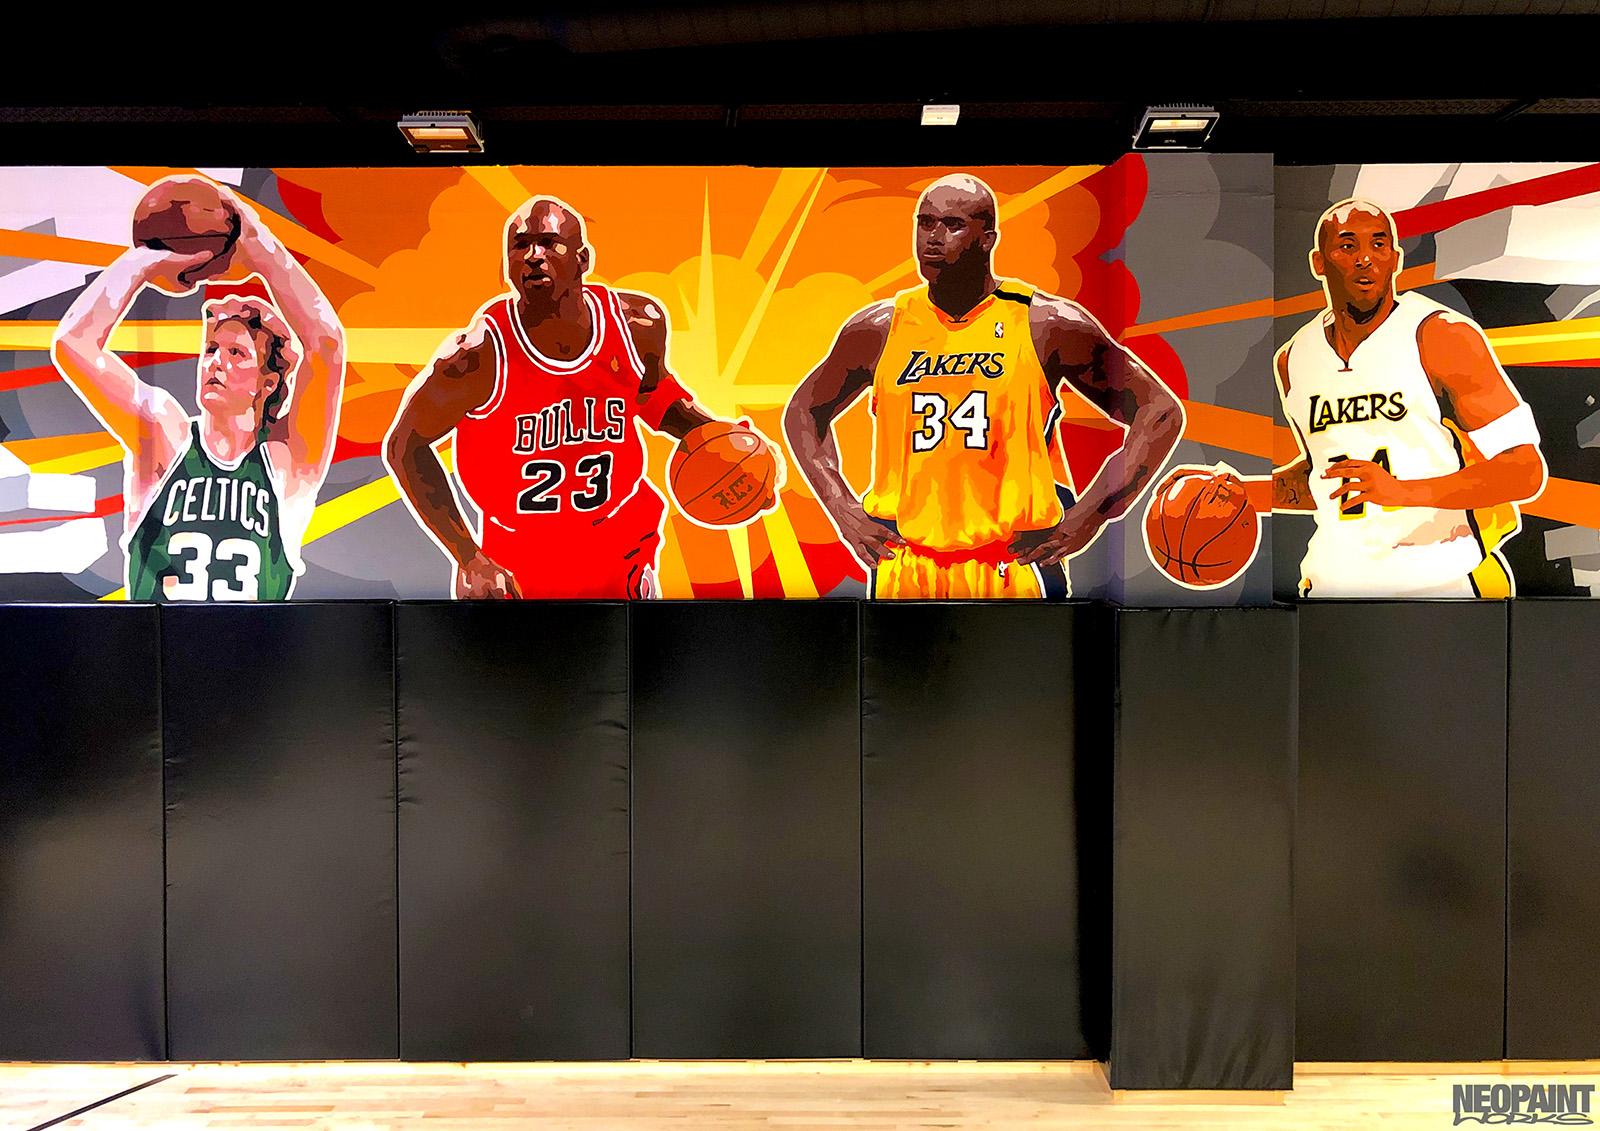 festett faldekoráció - NBA - kosárlabda - freskó - graffiti - neopaint works (2)